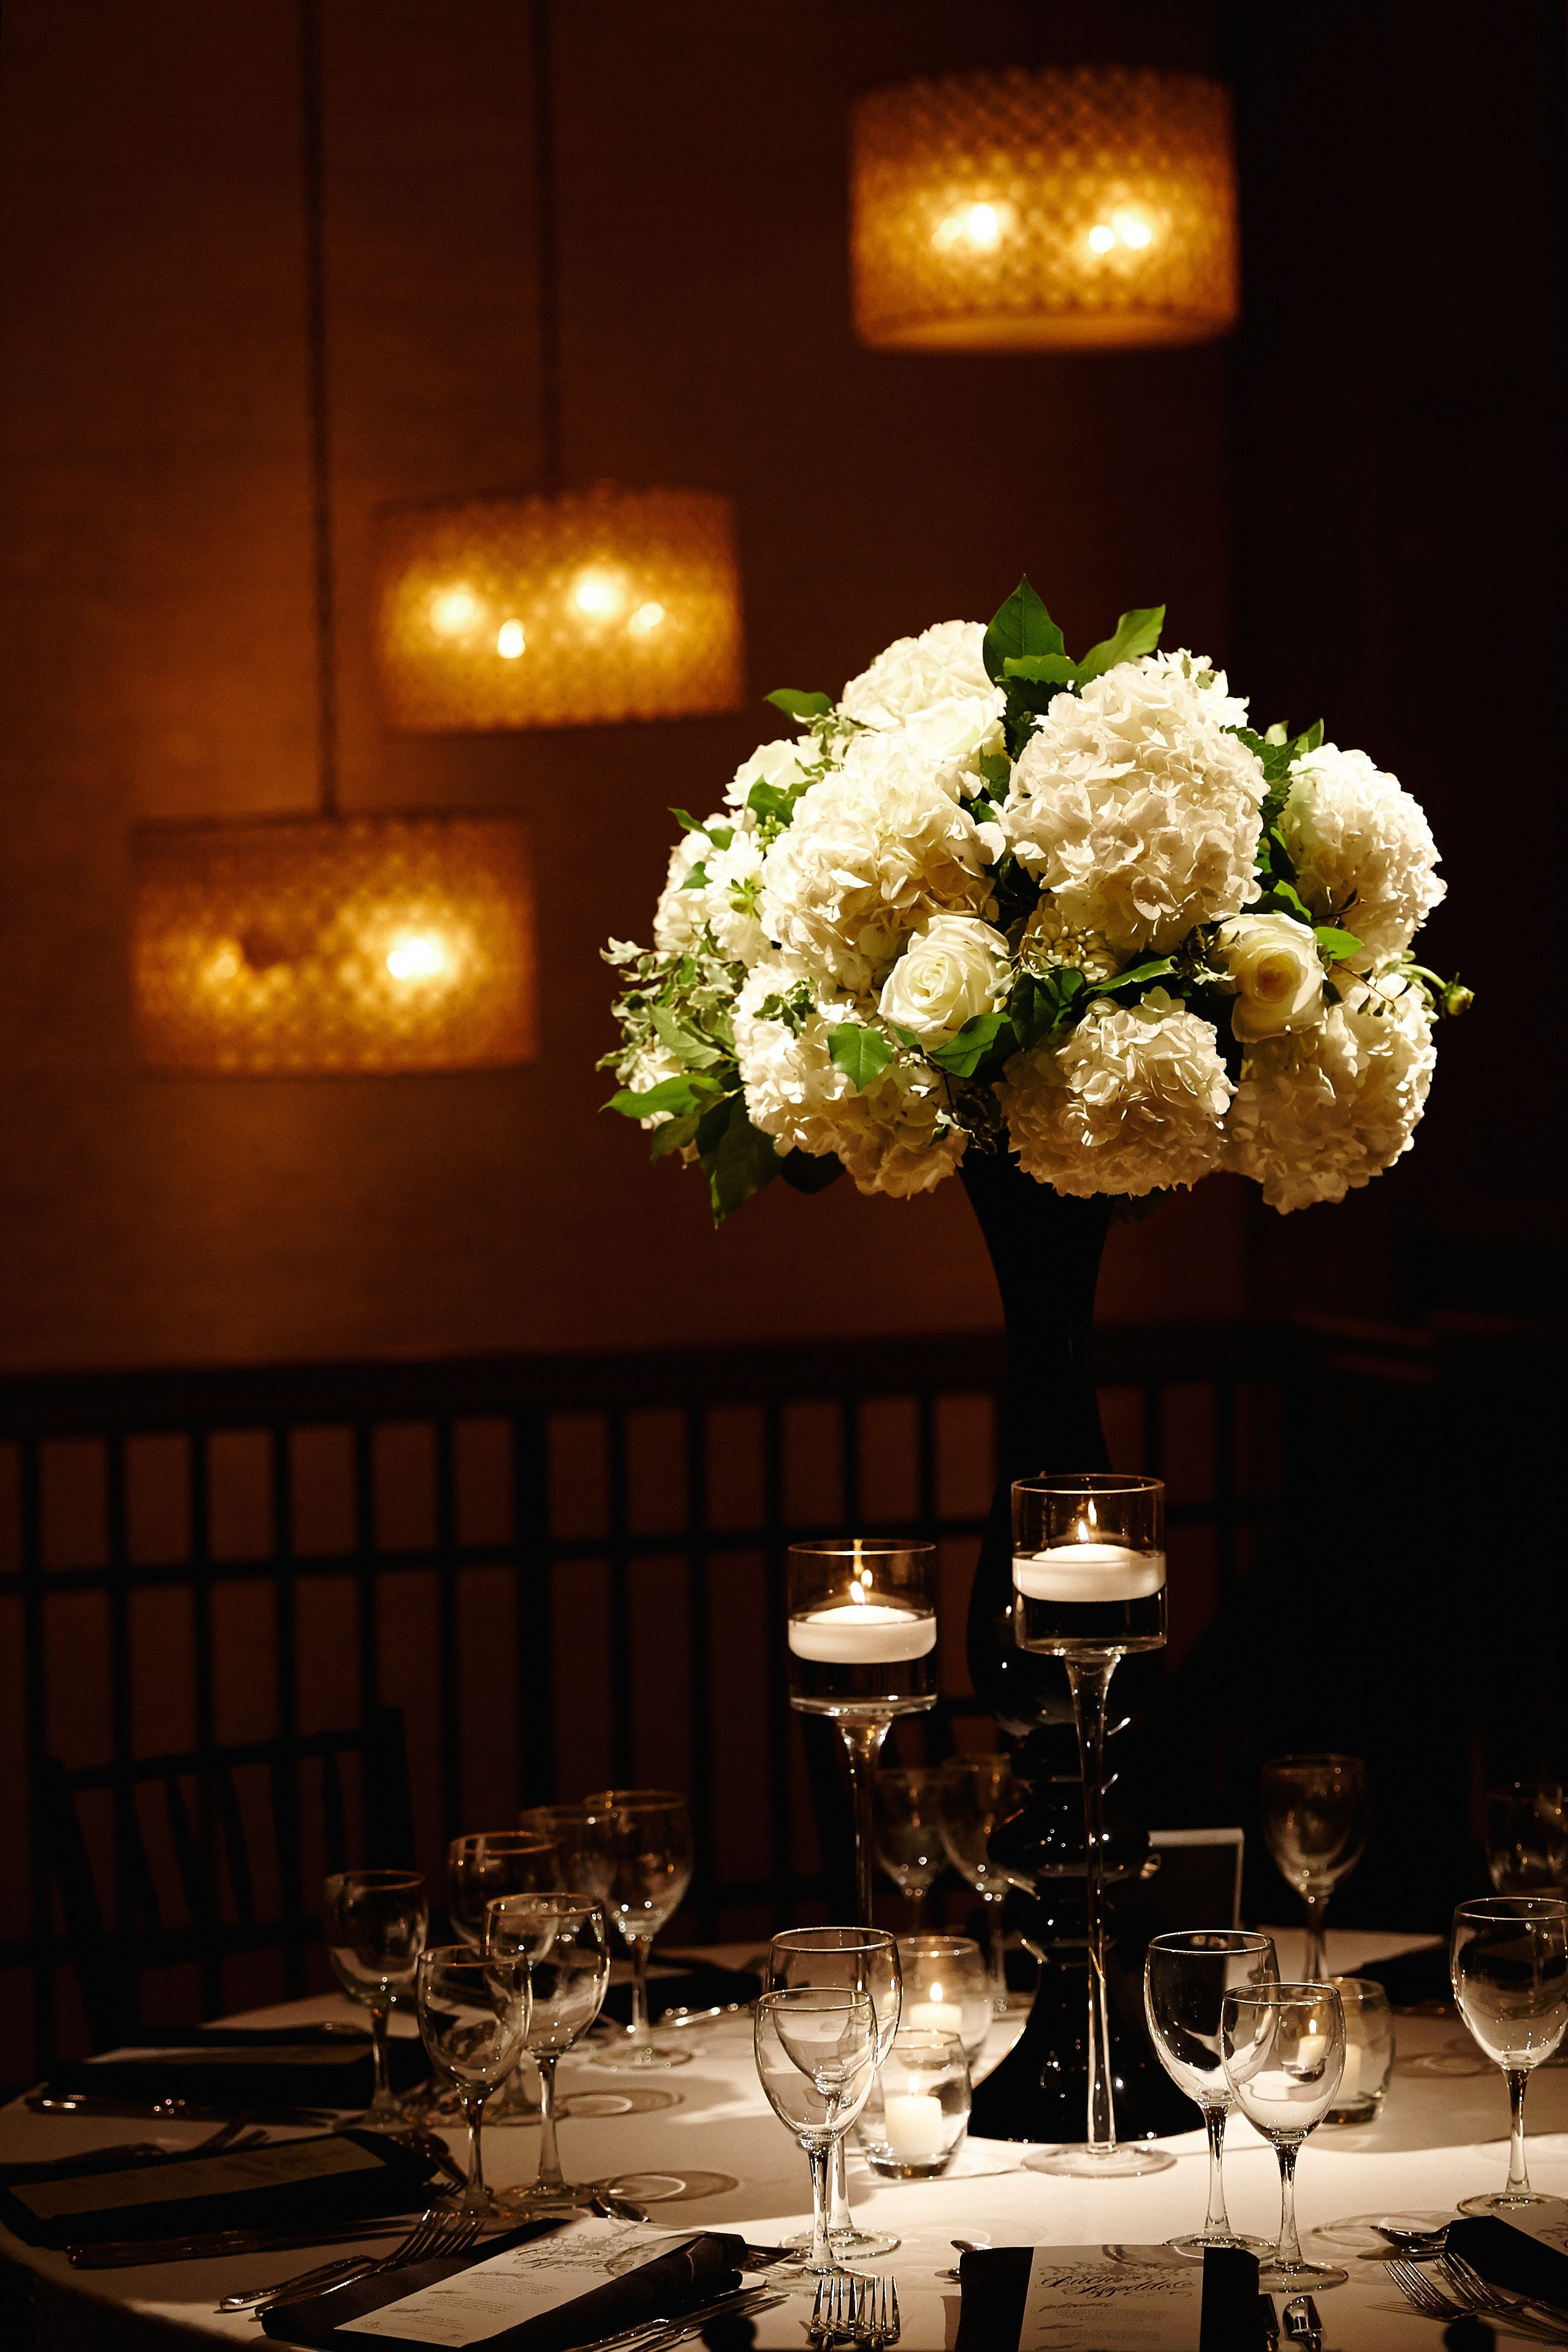 ceramic wall vases for flowers of 20 inspirational tall white vase bogekompresorturkiye com within il fullxfull h vases black vase white flowers zoomi 0d with design design tall vase